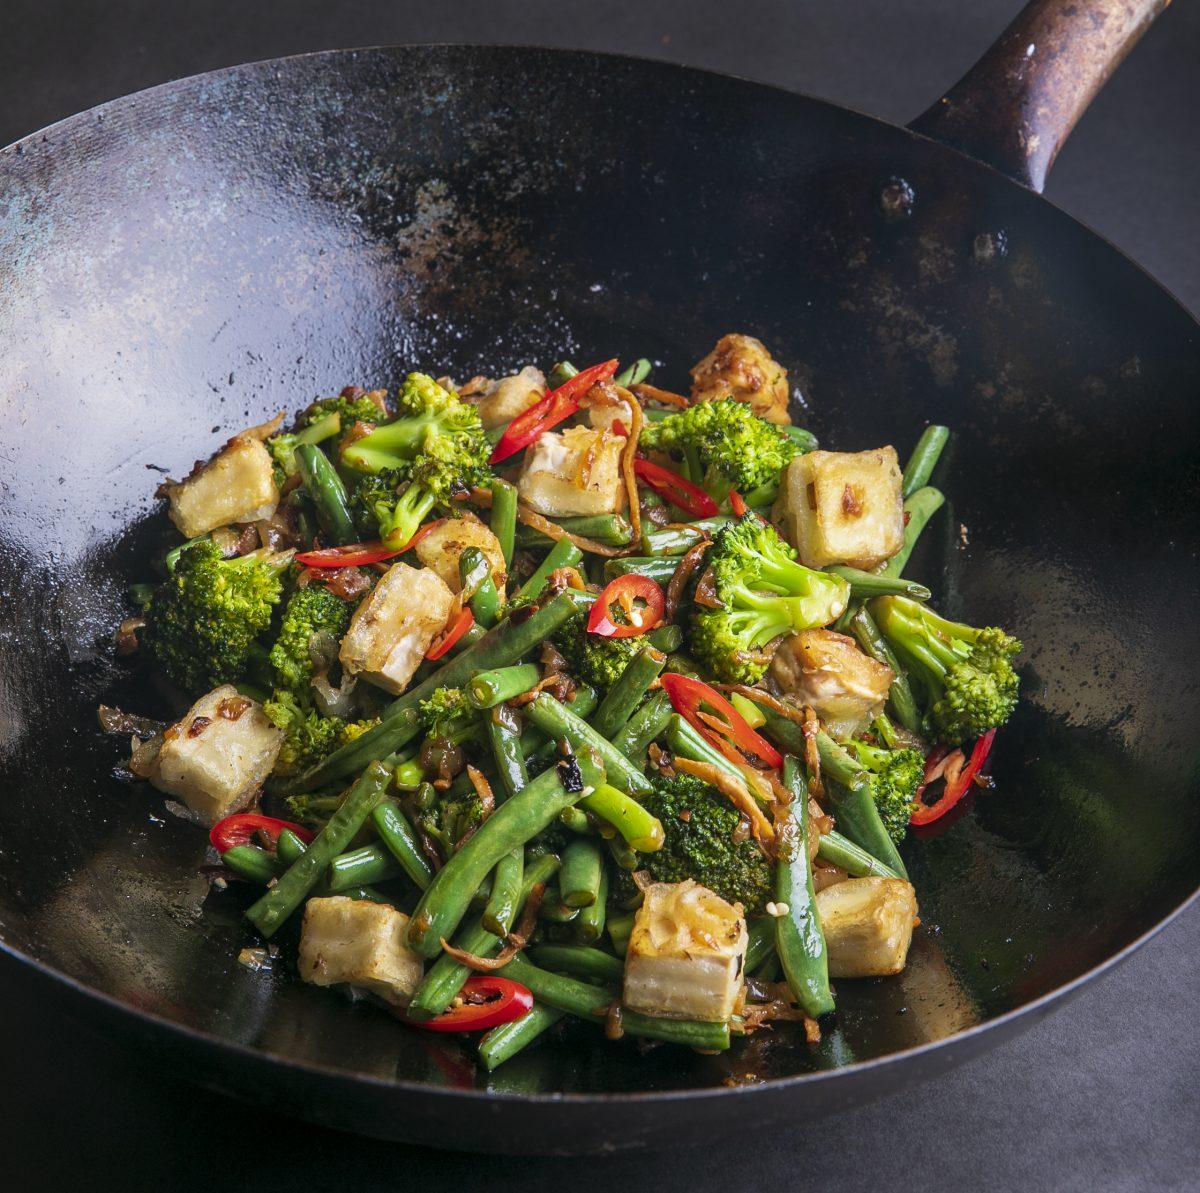 טופו פריך עם ירקות ירוקים ורוטב בוטנים מושלם